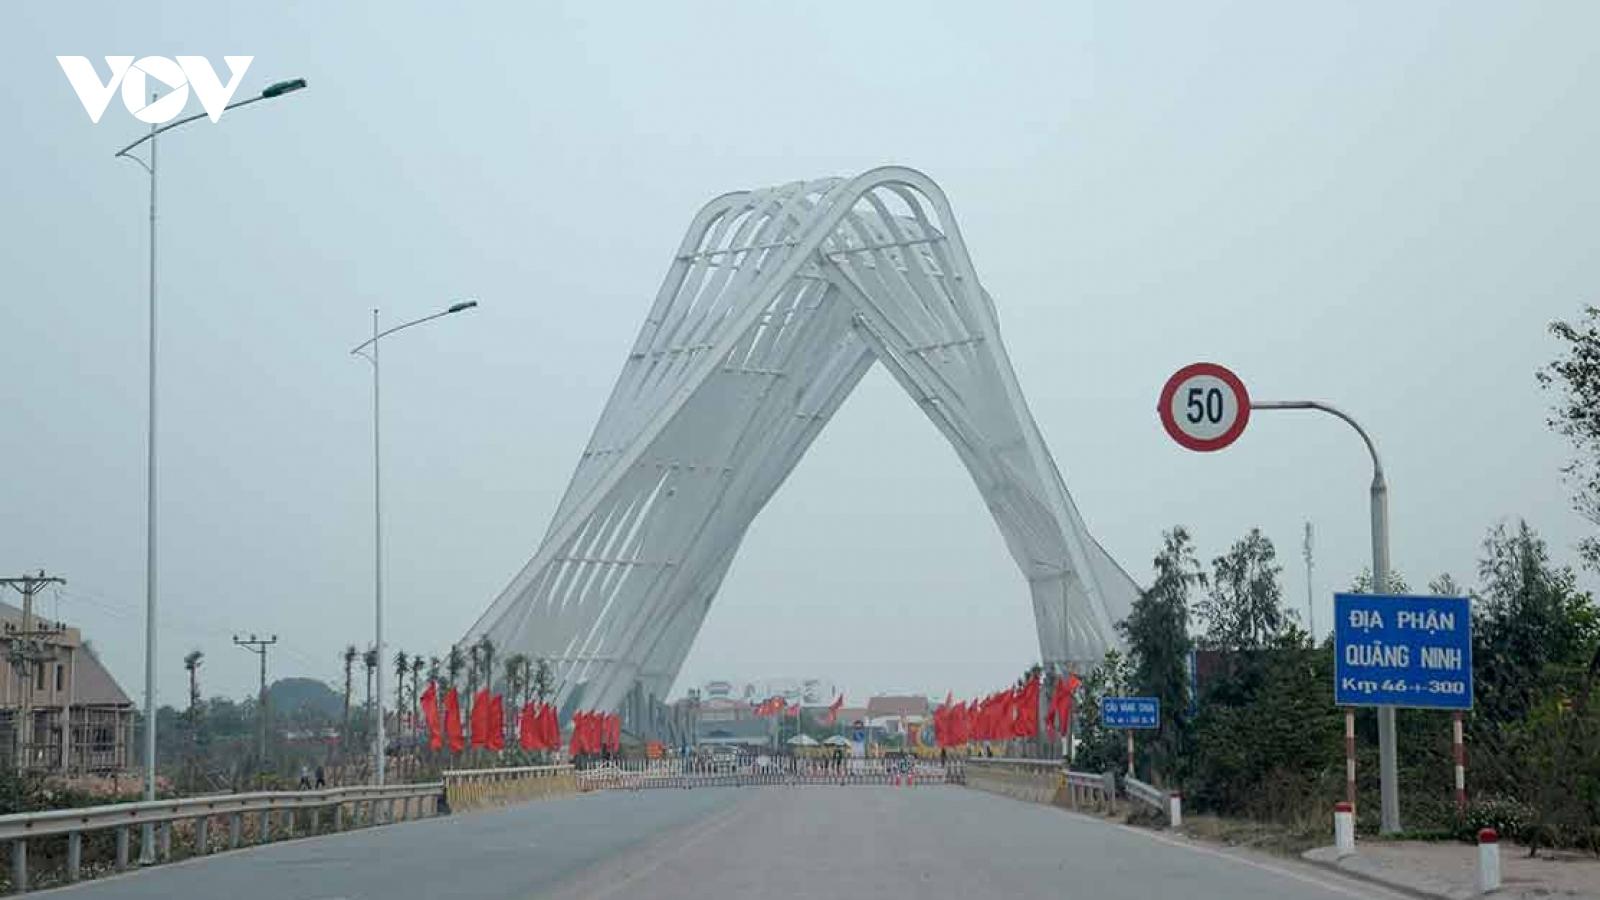 Thị xã Đông Triều (Quảng Ninh) tạm dừng hoạt động một sốchốt kiểm soát dịch Covid-19